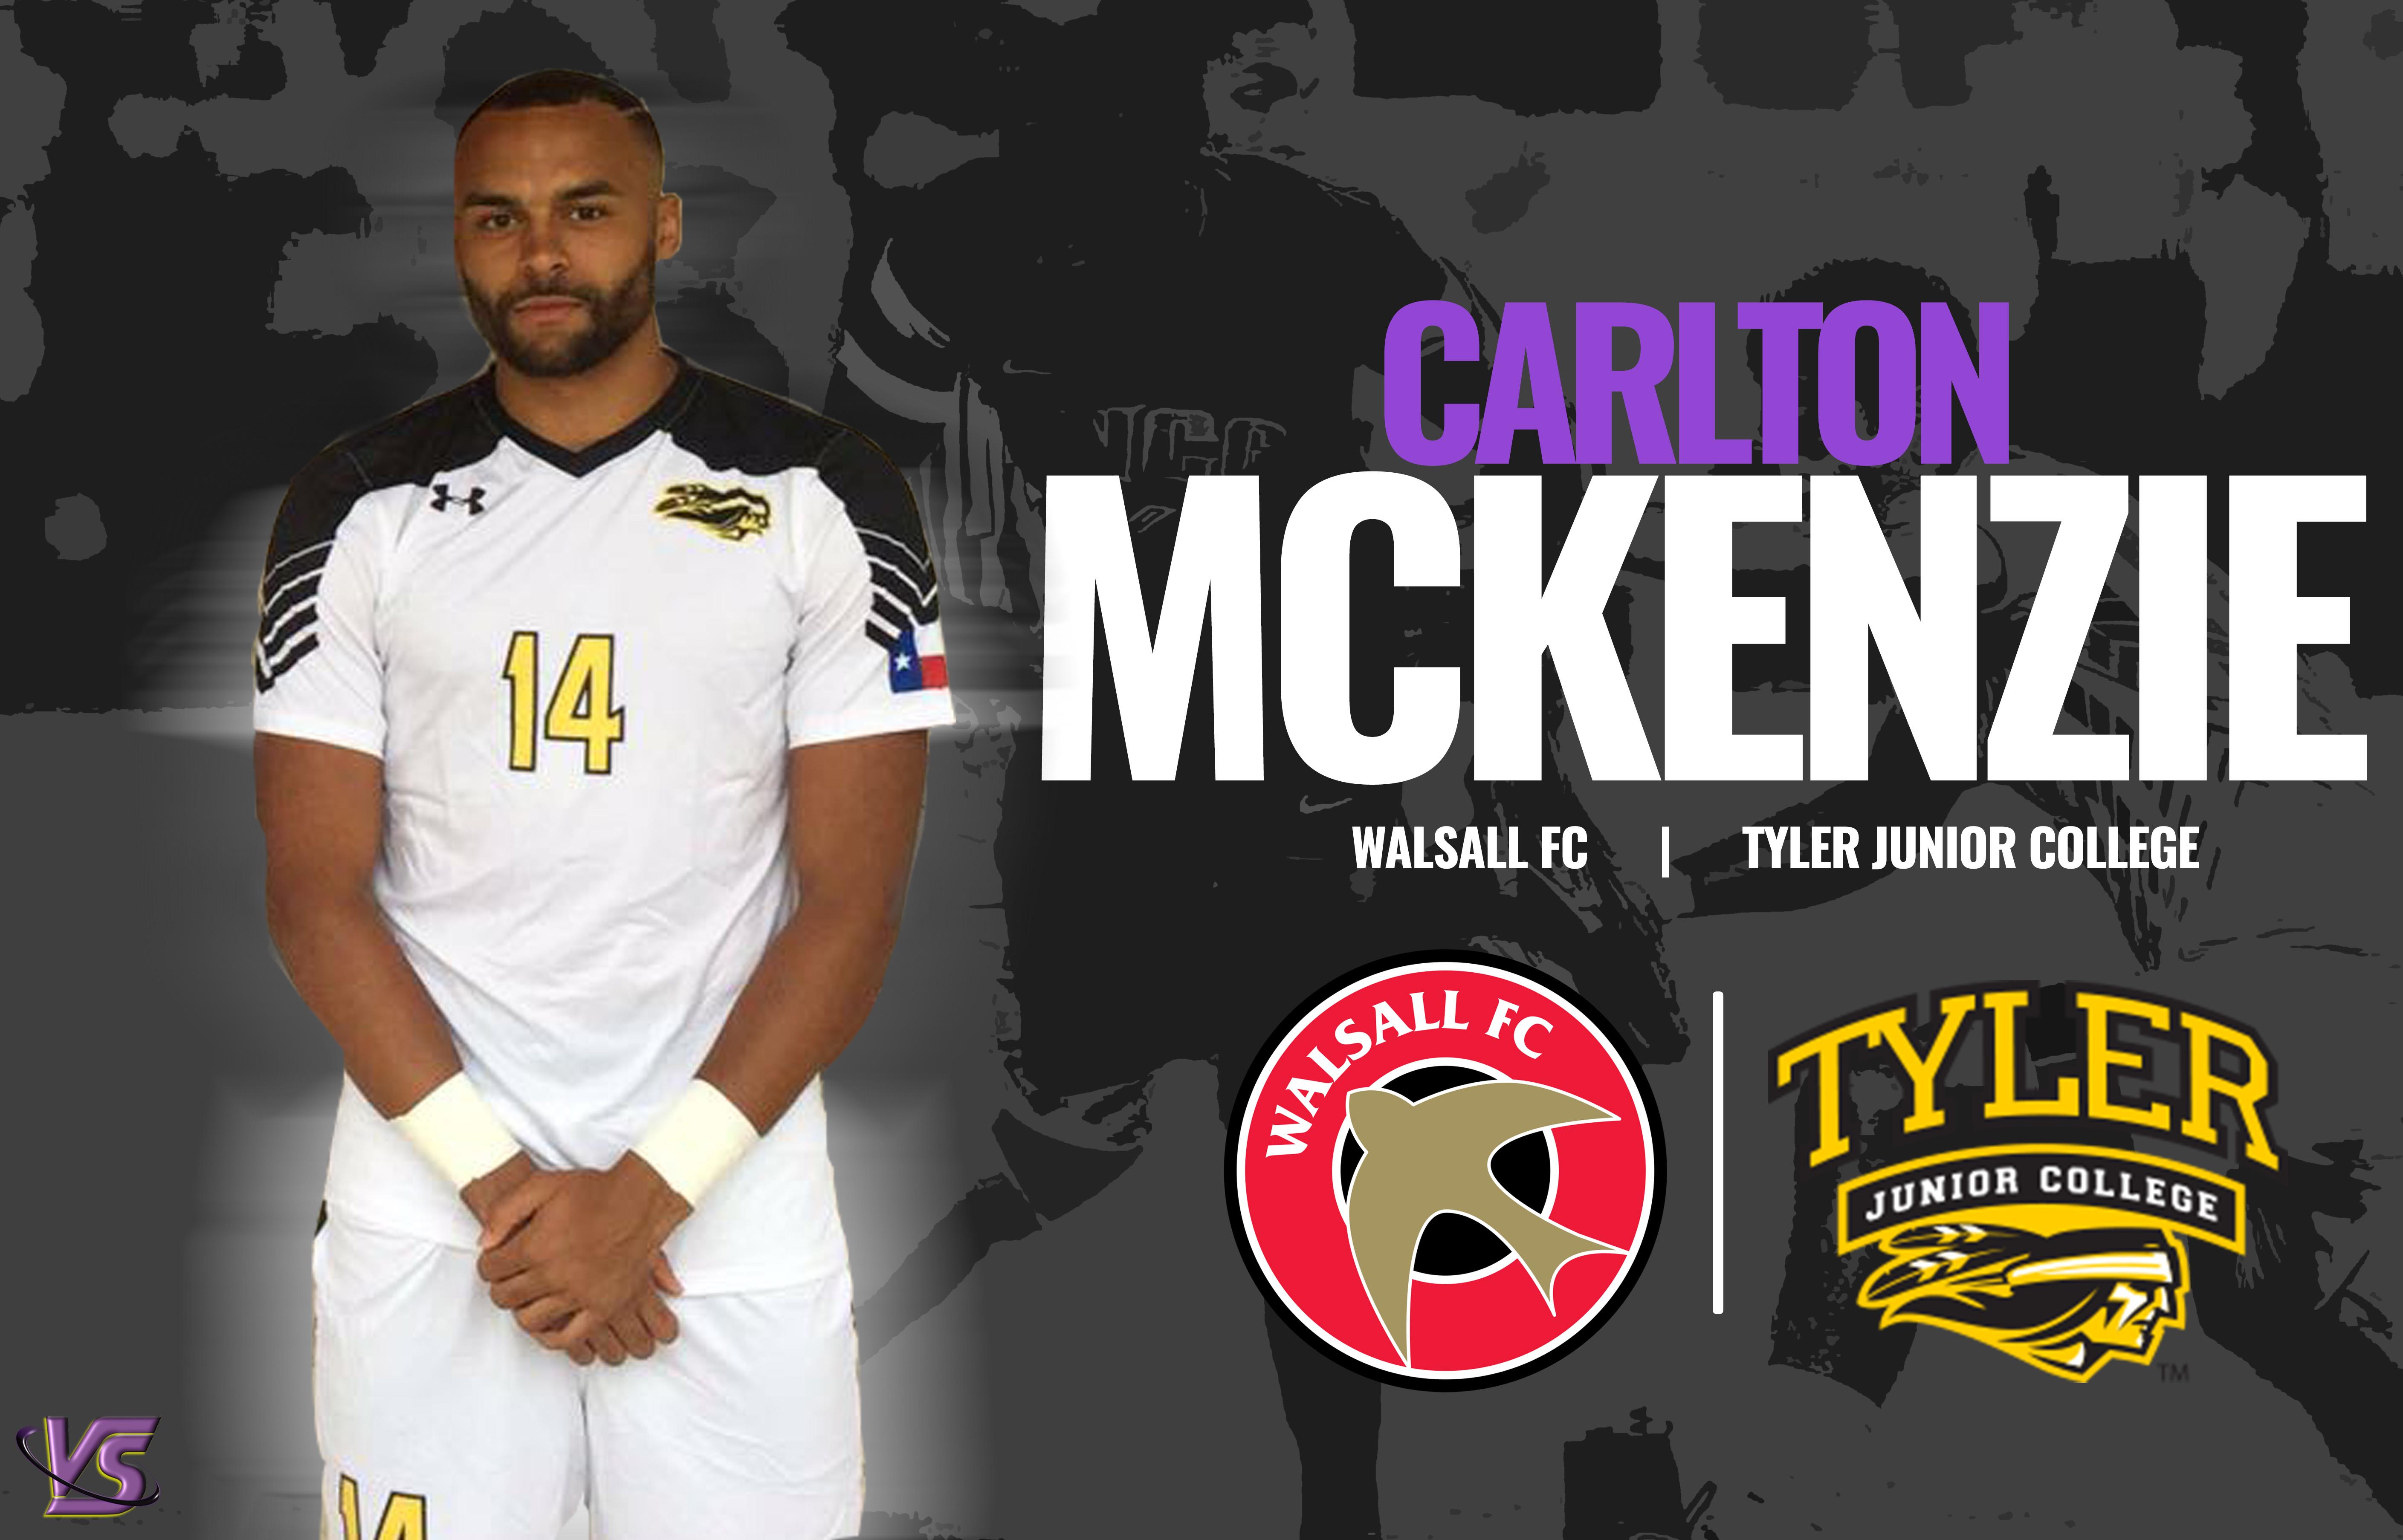 Carlton Mckenzie 2015